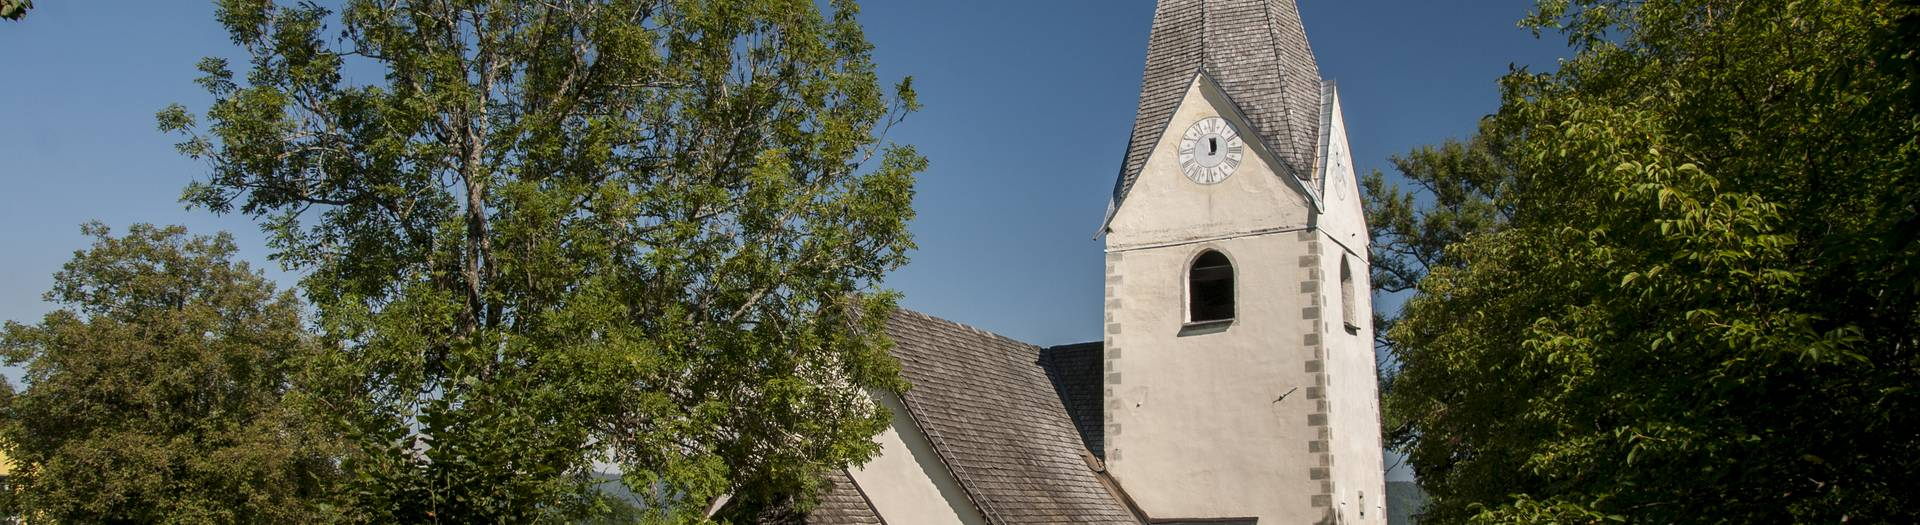 Grafenstein bei Klagenfurt am Wörthersee mit der Kirche St. Anna zu Saager